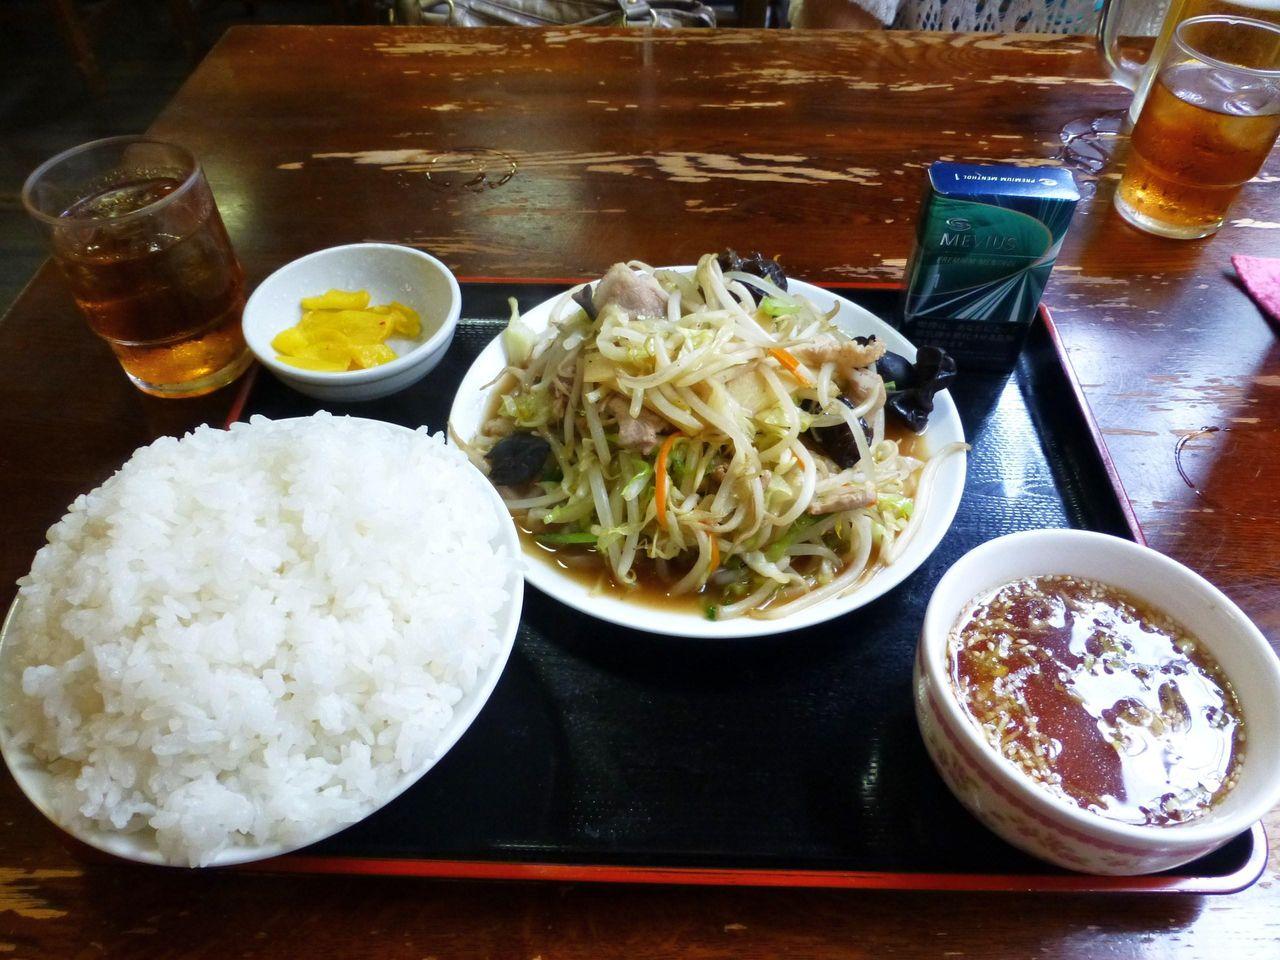 肉野菜炒め定食750円は、普通盛りとは思えない破壊力!